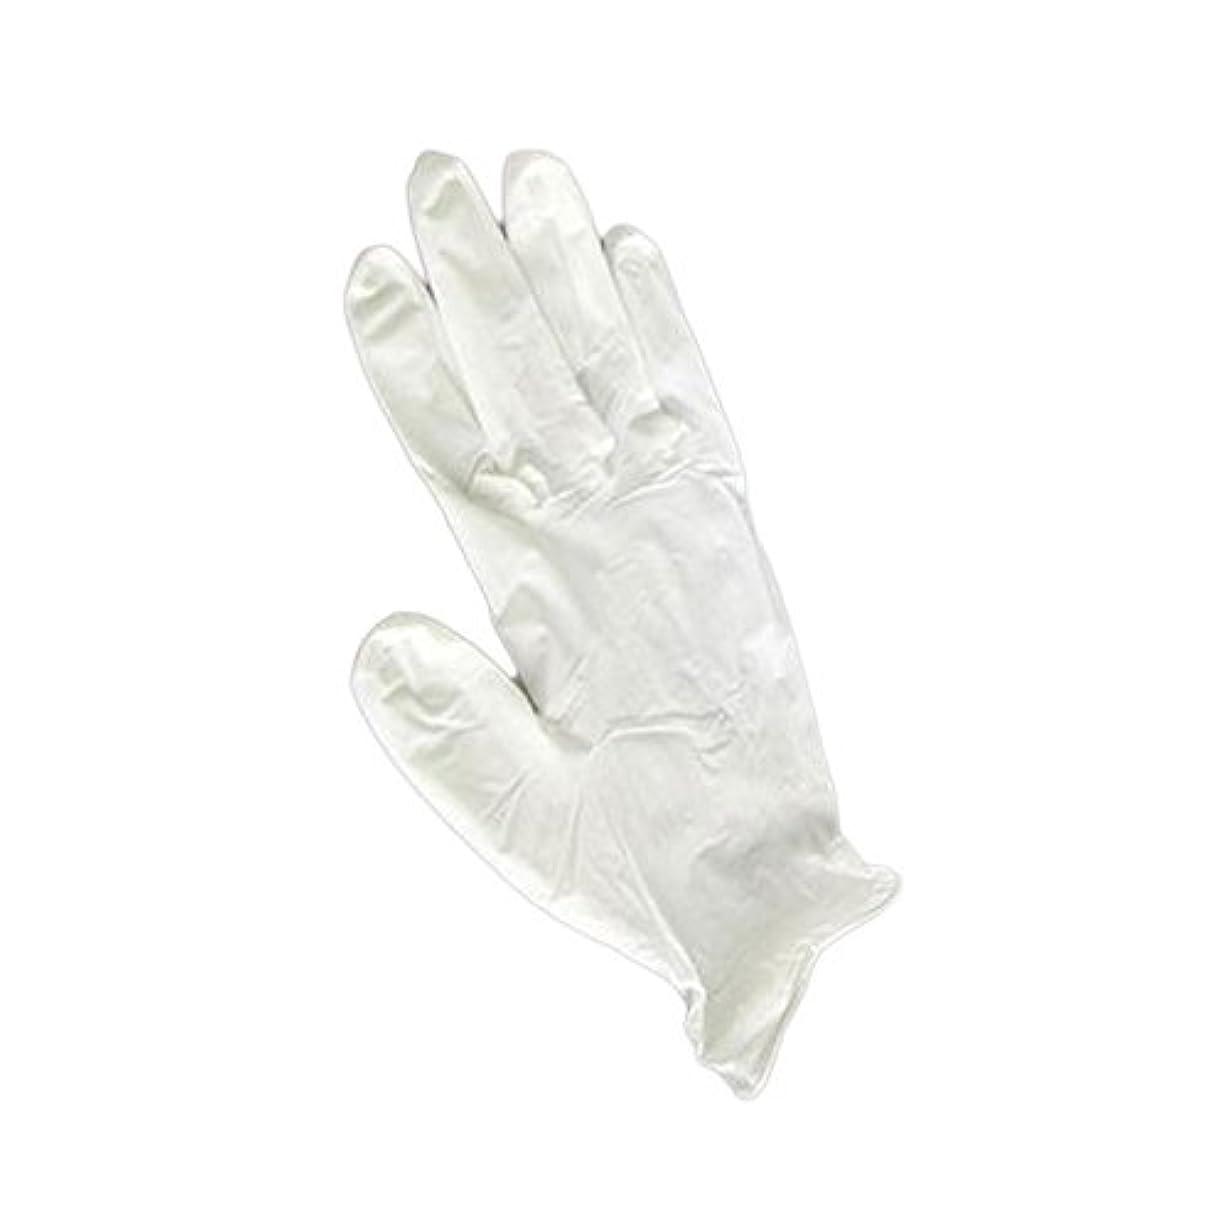 アソシエイト思い出ブリーク三高サプライ ニトリルグローブ(ゴム手袋) パウダーフリー BOXタイプ ダーマホワイト 100枚入り GN01 S